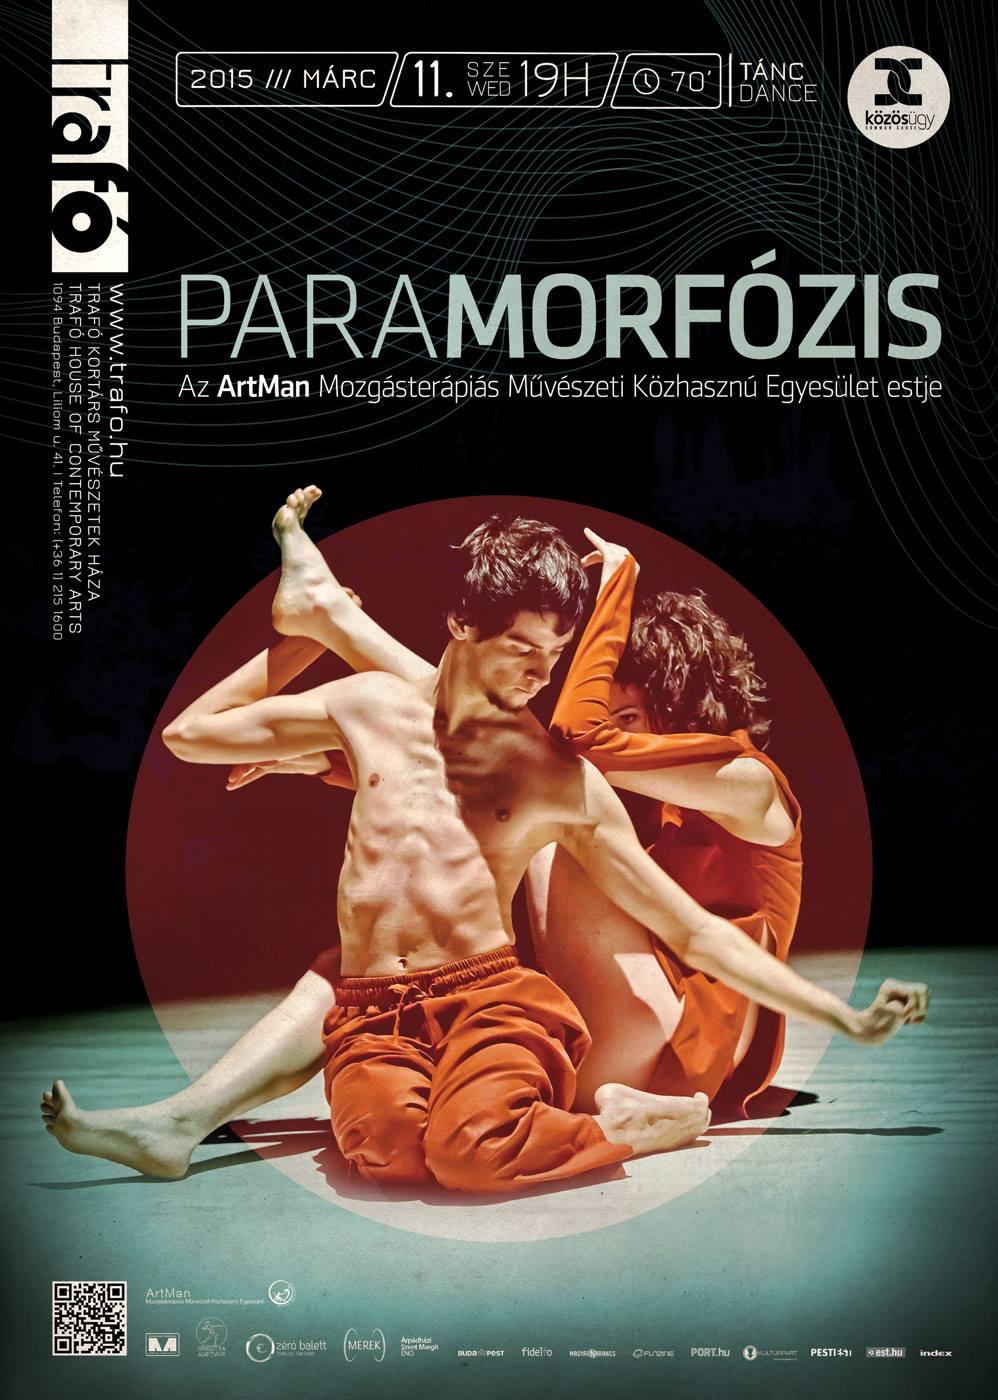 paraMORFOZIS